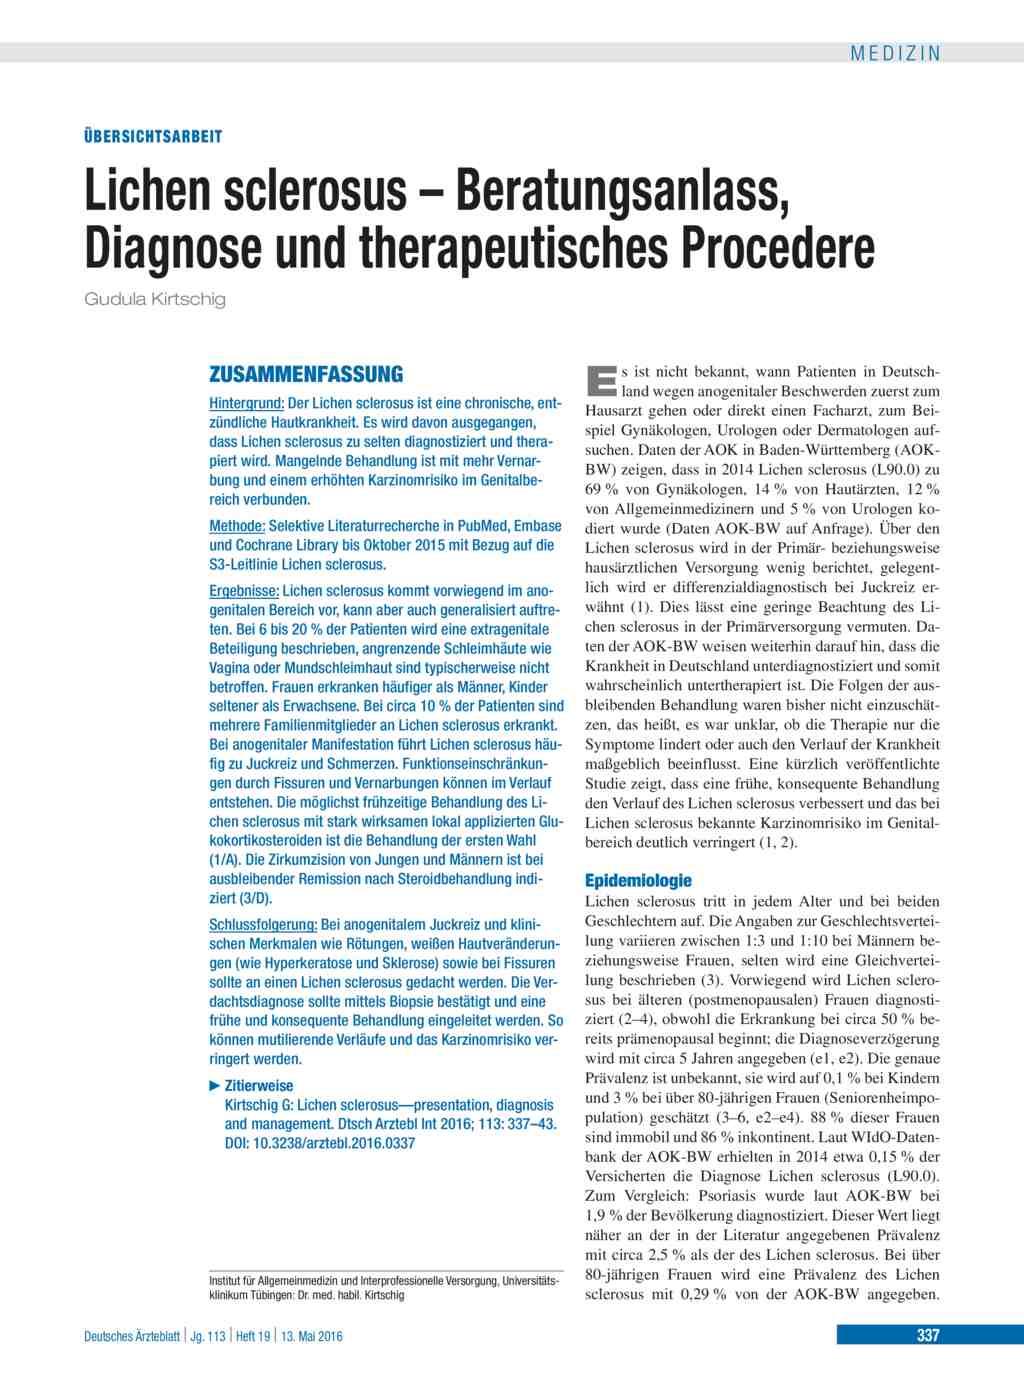 hpv impfung lichen sclerosus